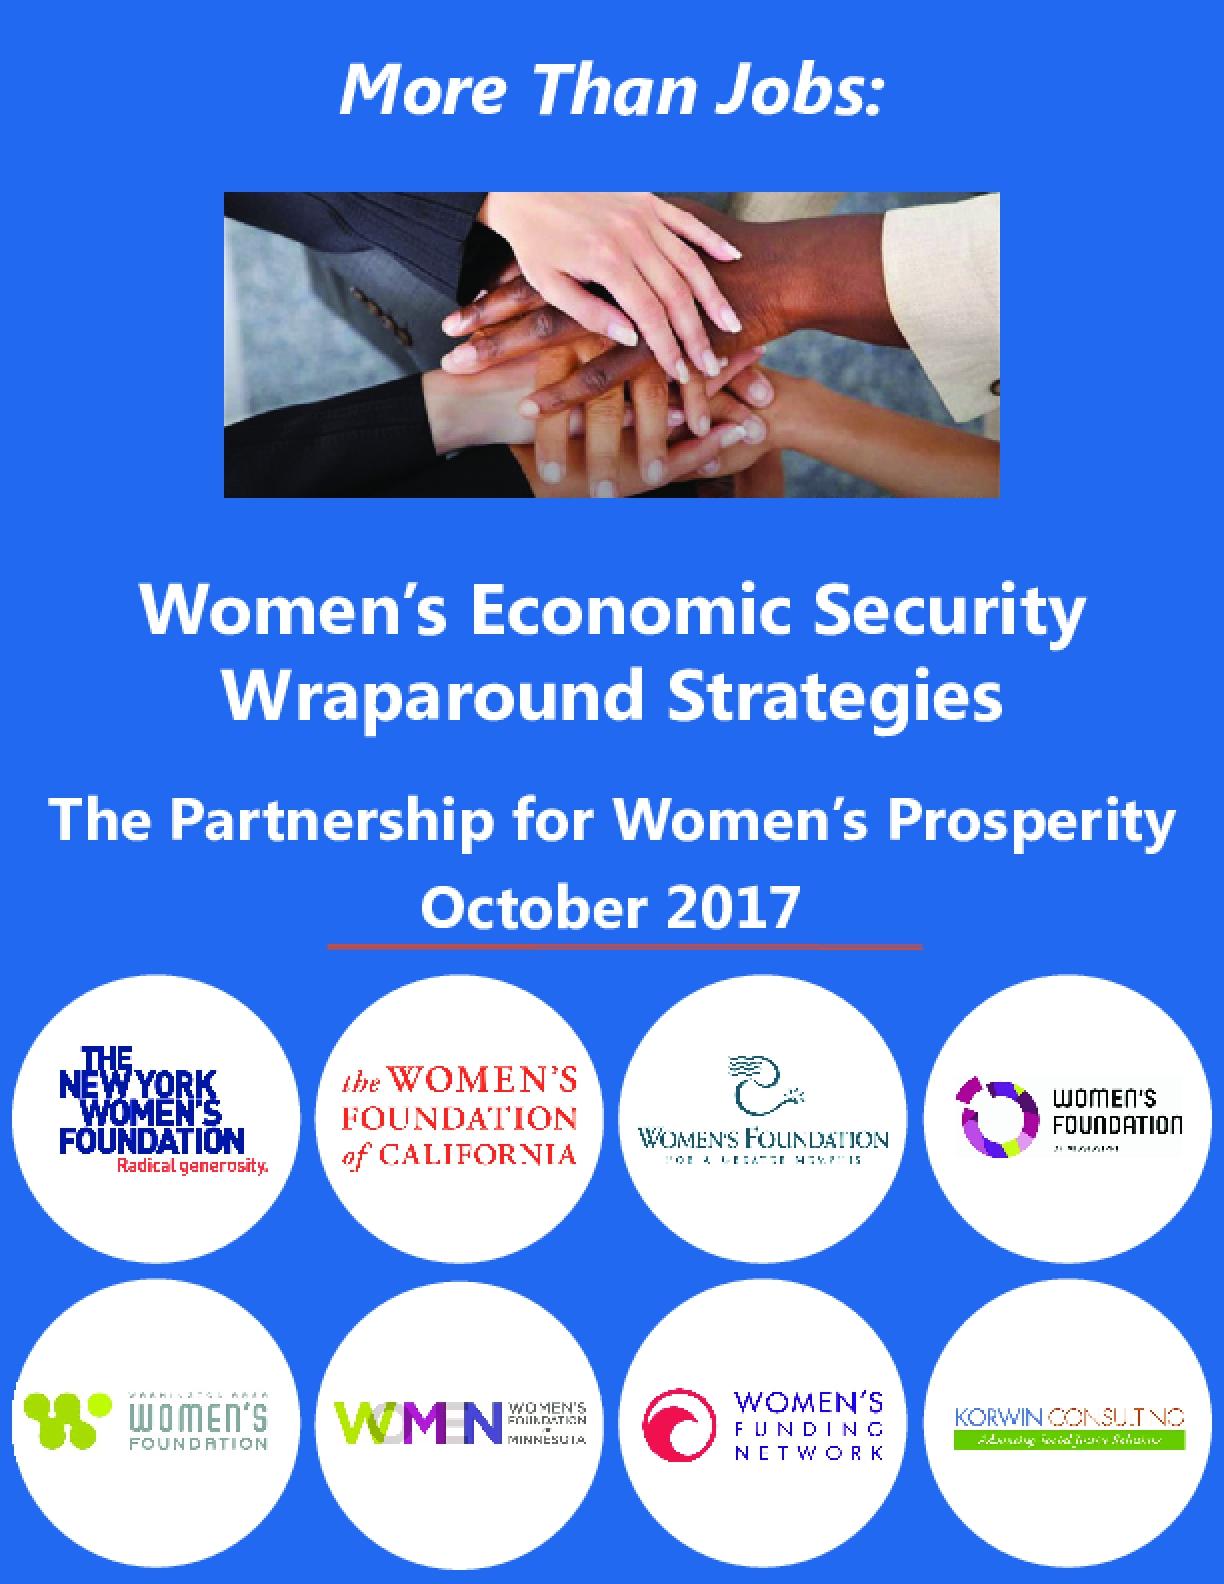 More Than Jobs: Women's Economic Security Wraparound Strategies